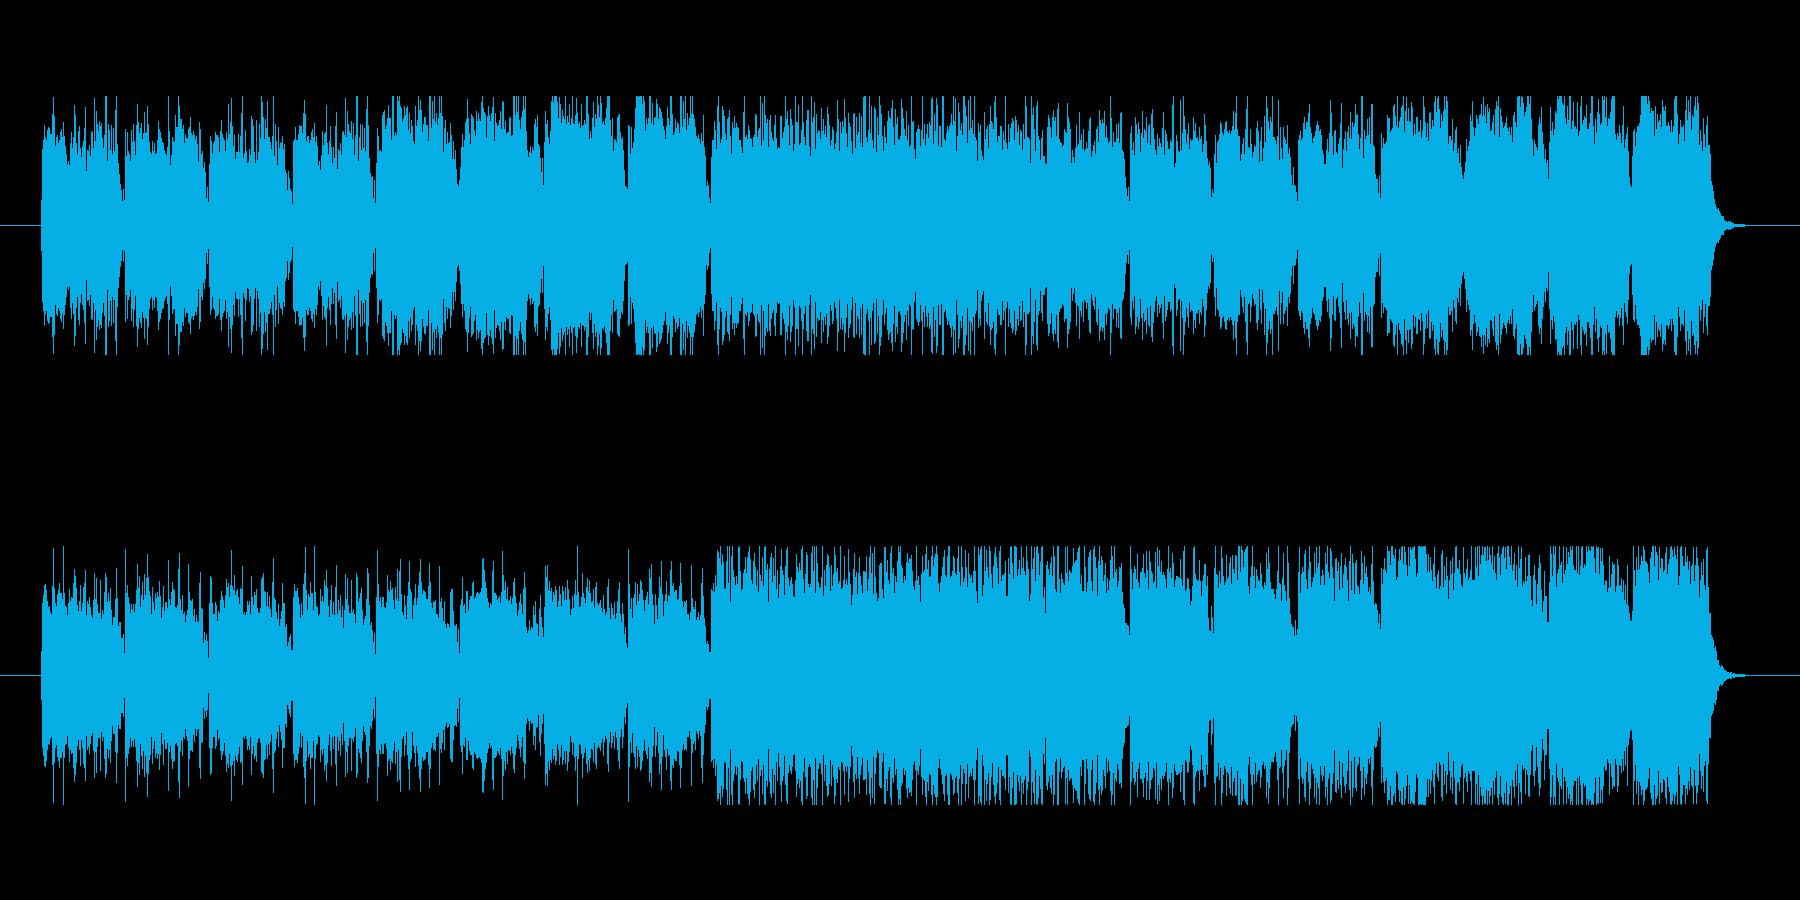 重厚感があるメロディーの再生済みの波形